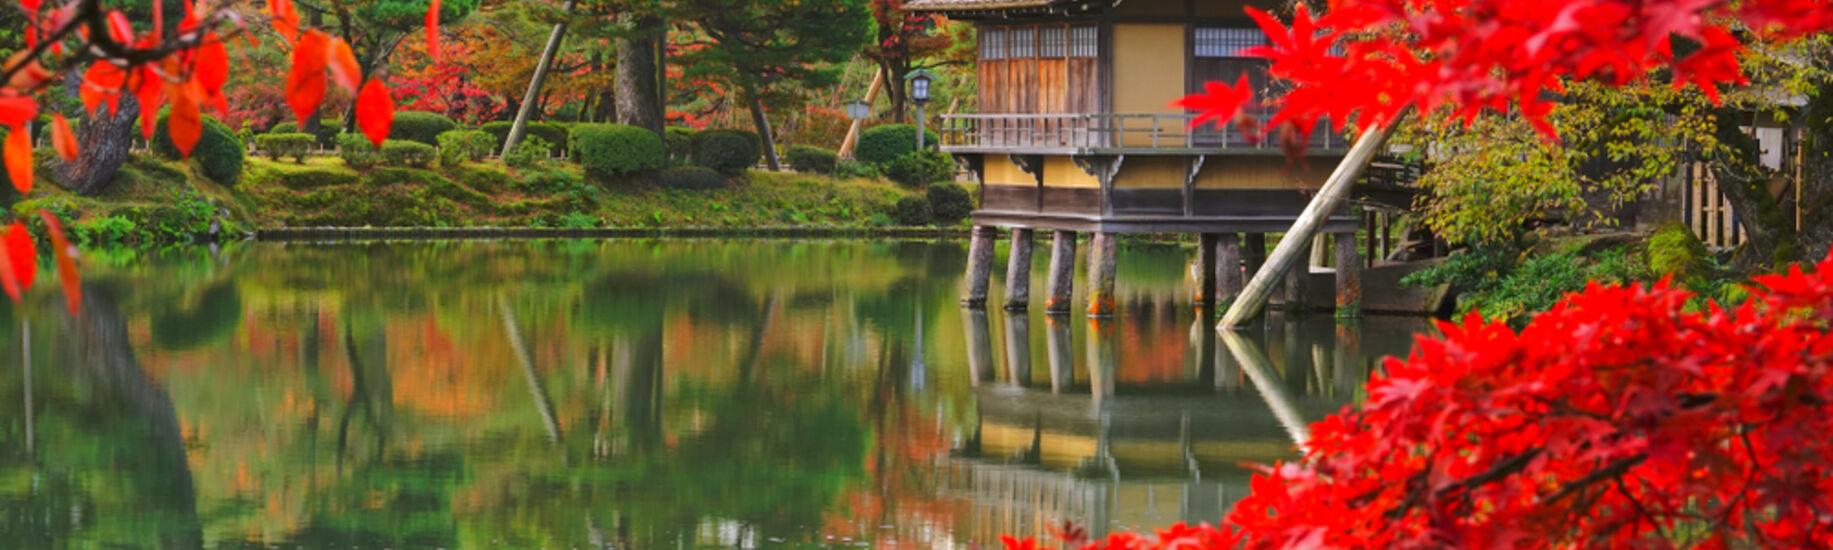 Kanazawa and the Ishikawa Prefecture